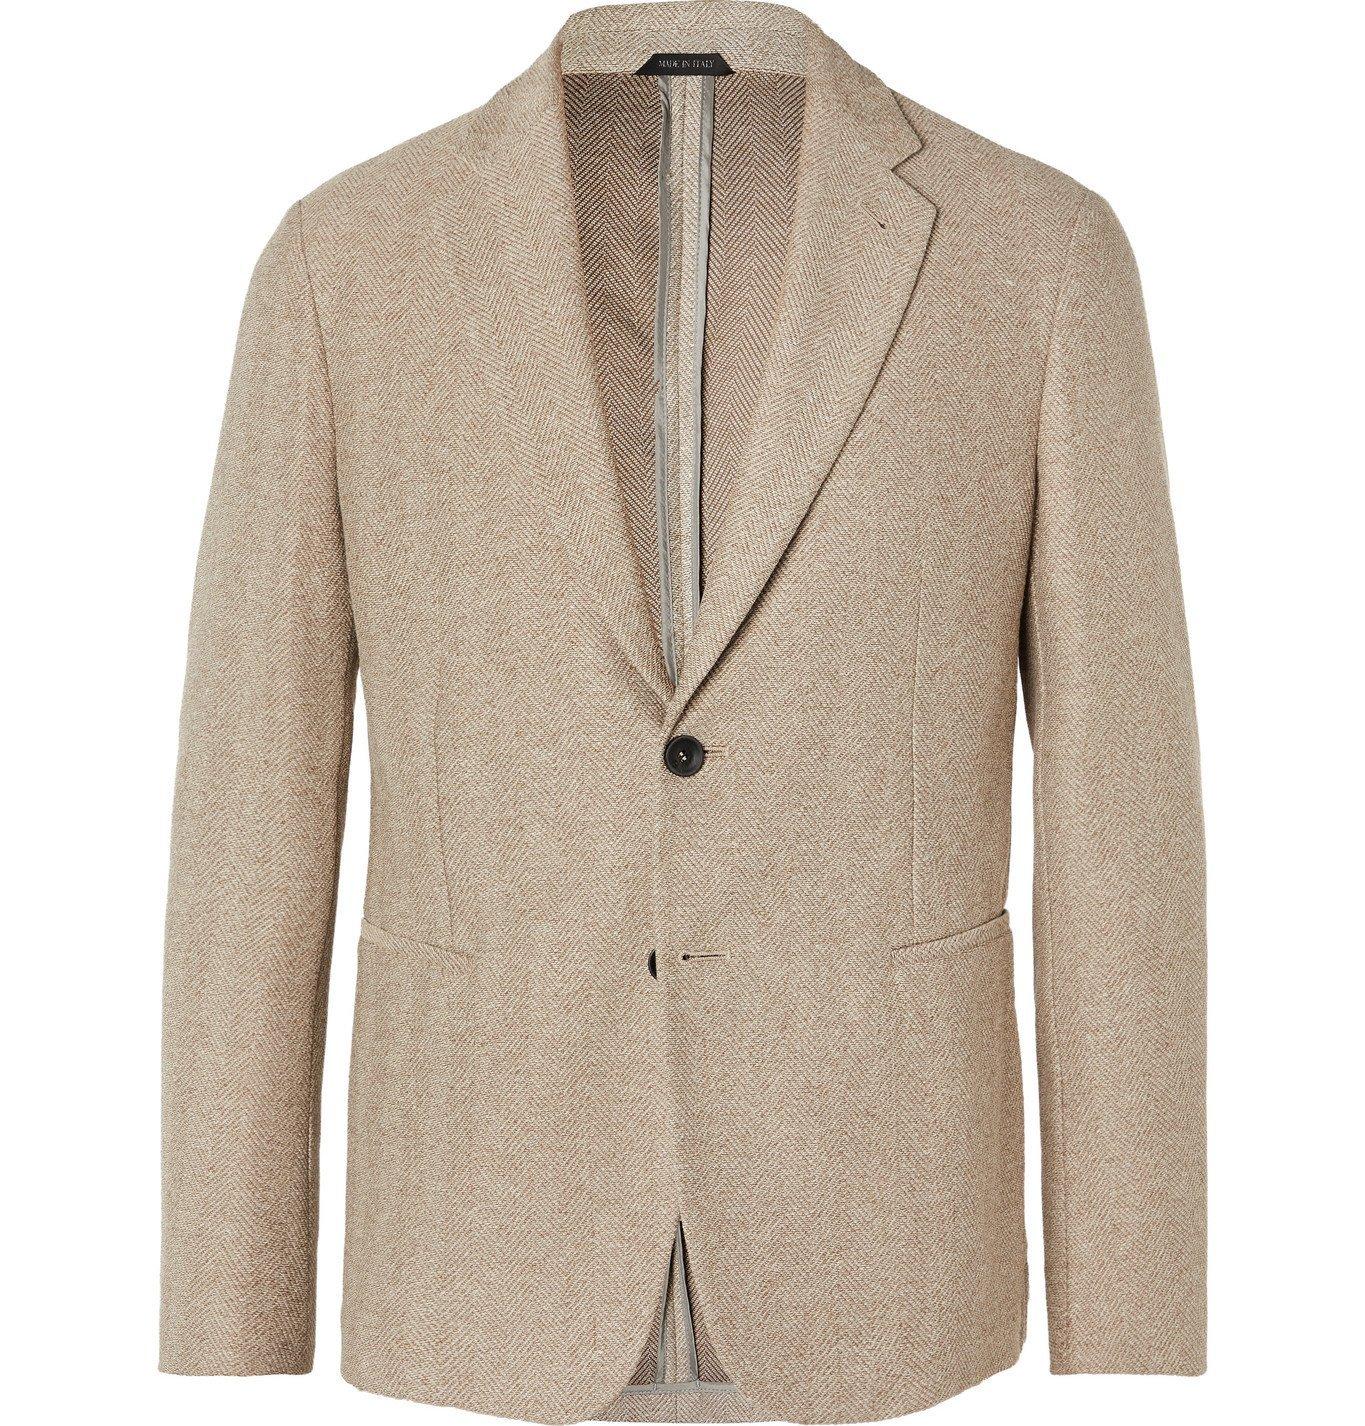 Giorgio Armani - Slim-Fit Unstructured Herringbone Cotton Blazer - Neutrals